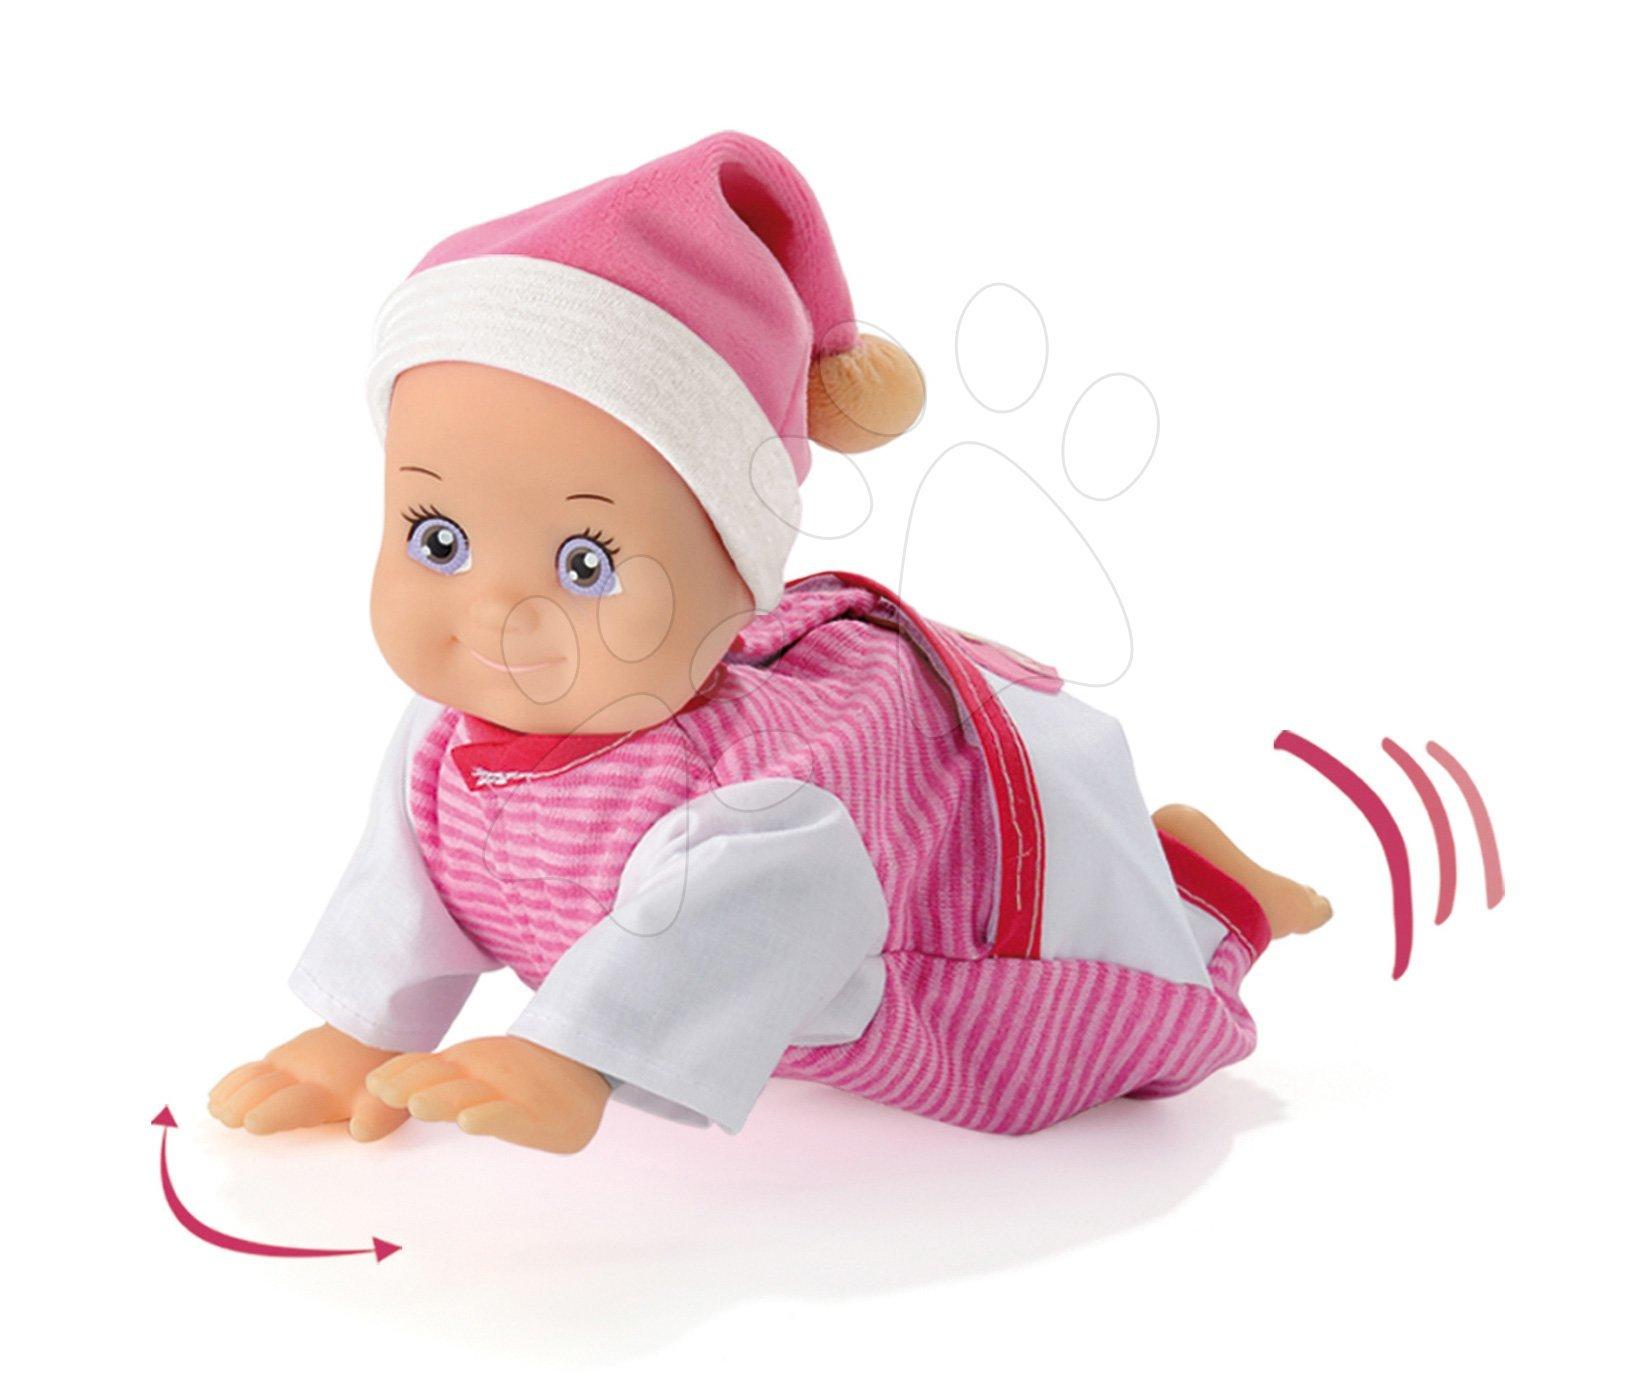 Játékbaba hanggal MiniKiss Smoby mászó 27 cm 12 hó-tól